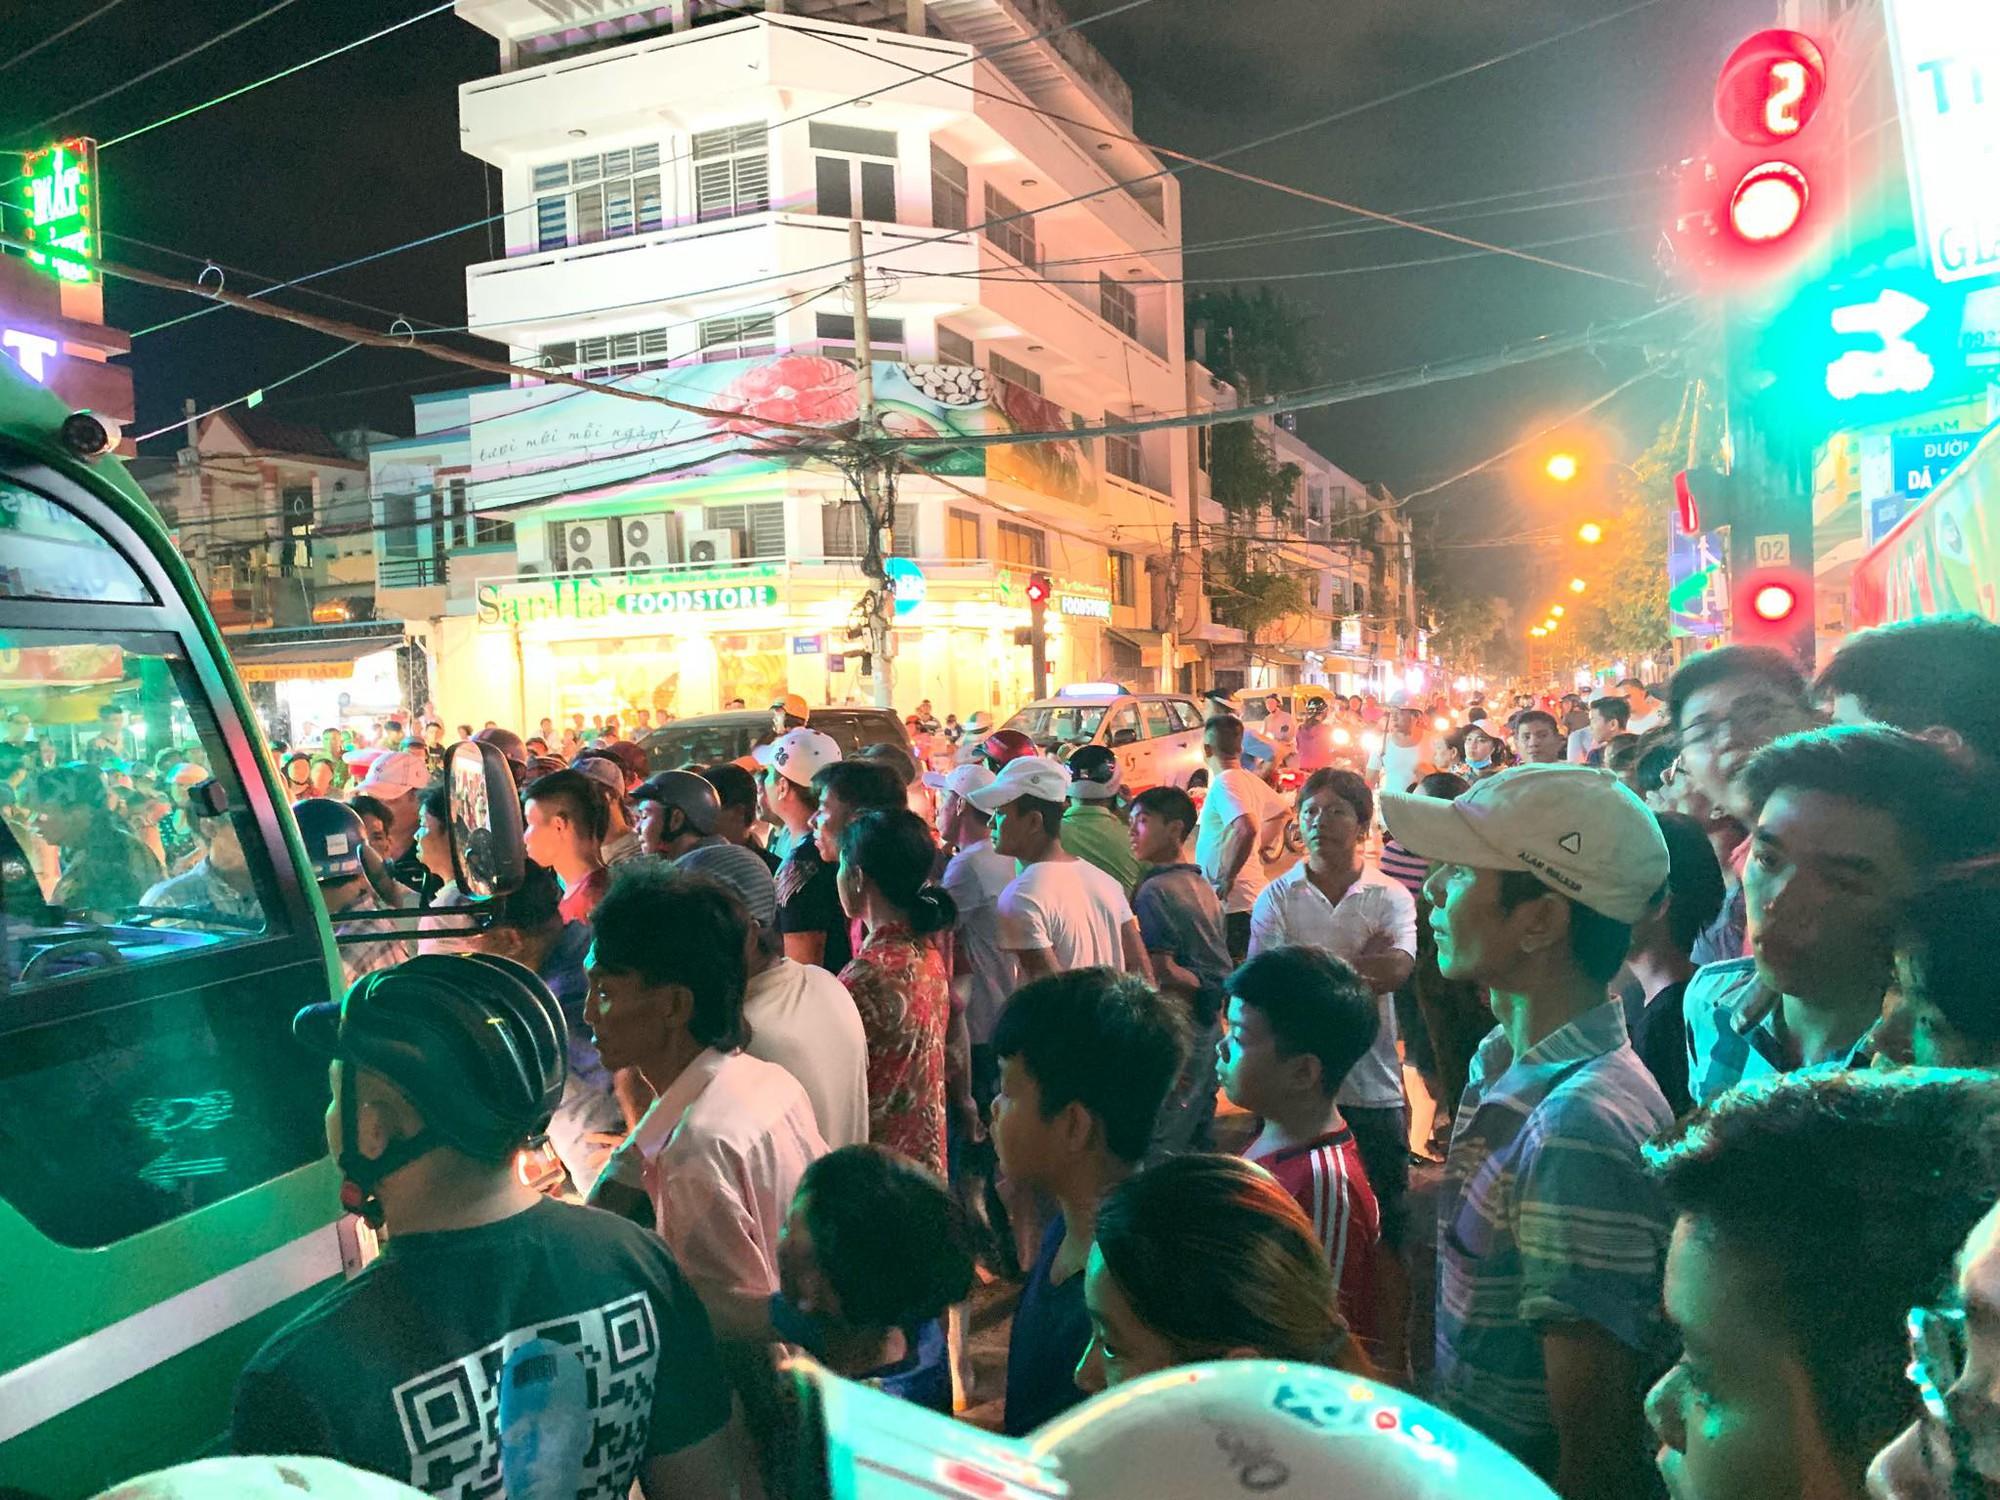 Va chạm giao thông, tiếp viên xe buýt dùng dao truy sát người đi xe máy ở Sài Gòn - Ảnh 2.